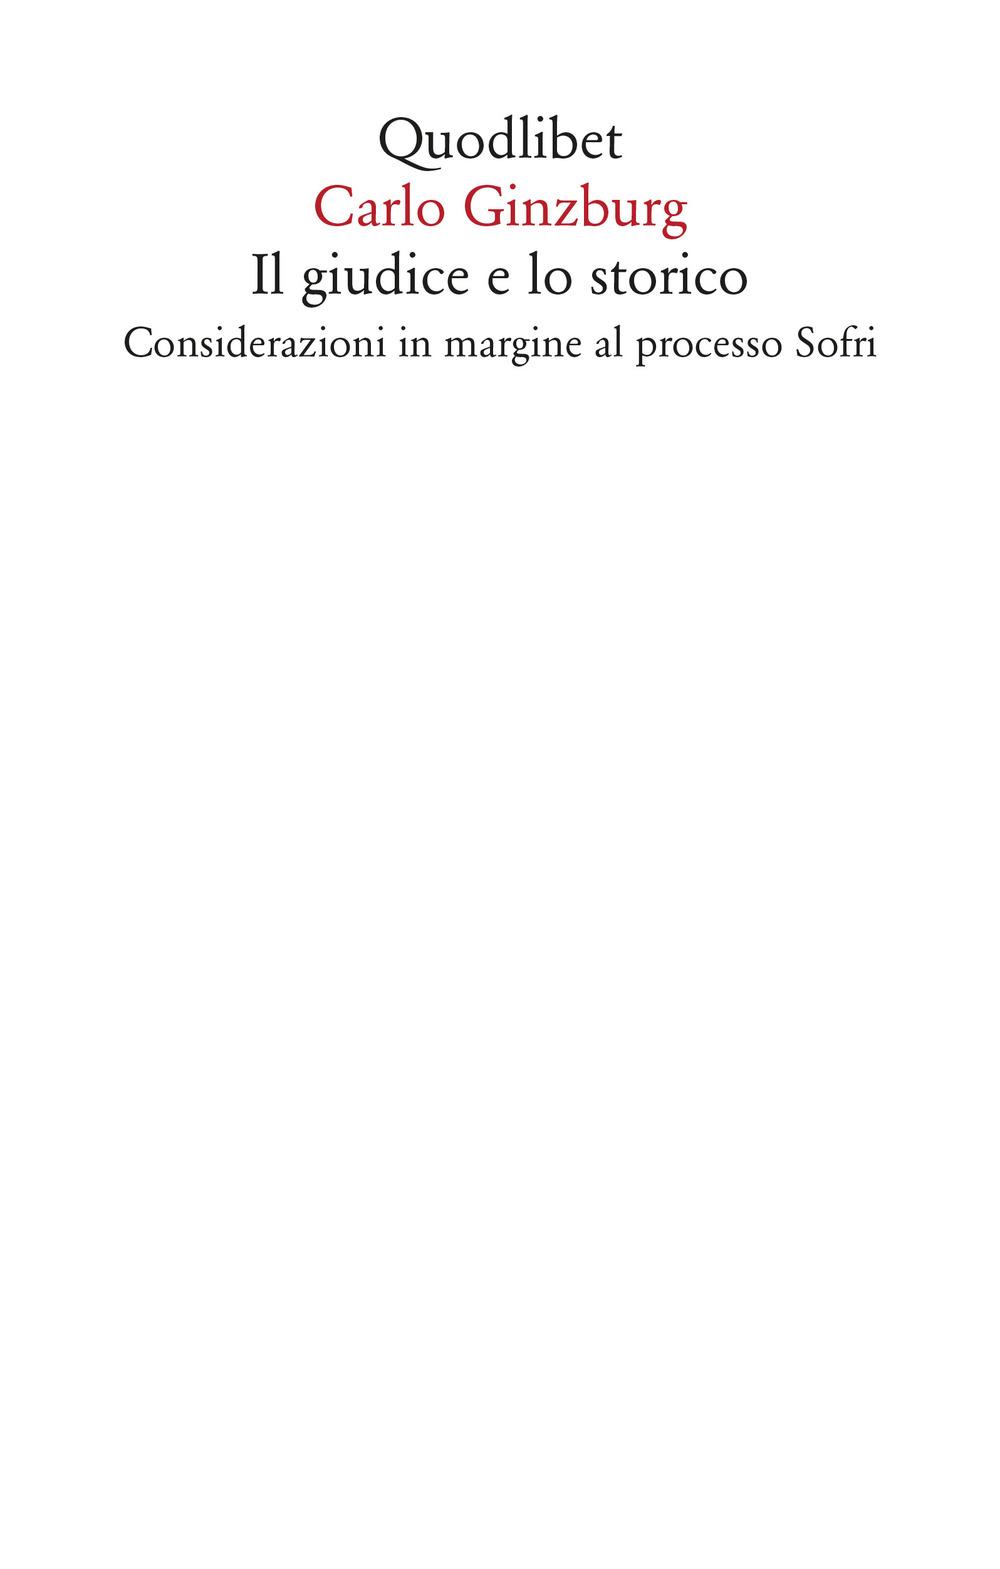 GIUDICE E LO STORICO. CONSIDERAZIONI IN MARGINE AL PROCESSO SOFRI (IL) - Ginzburg Carlo - 9788822904515